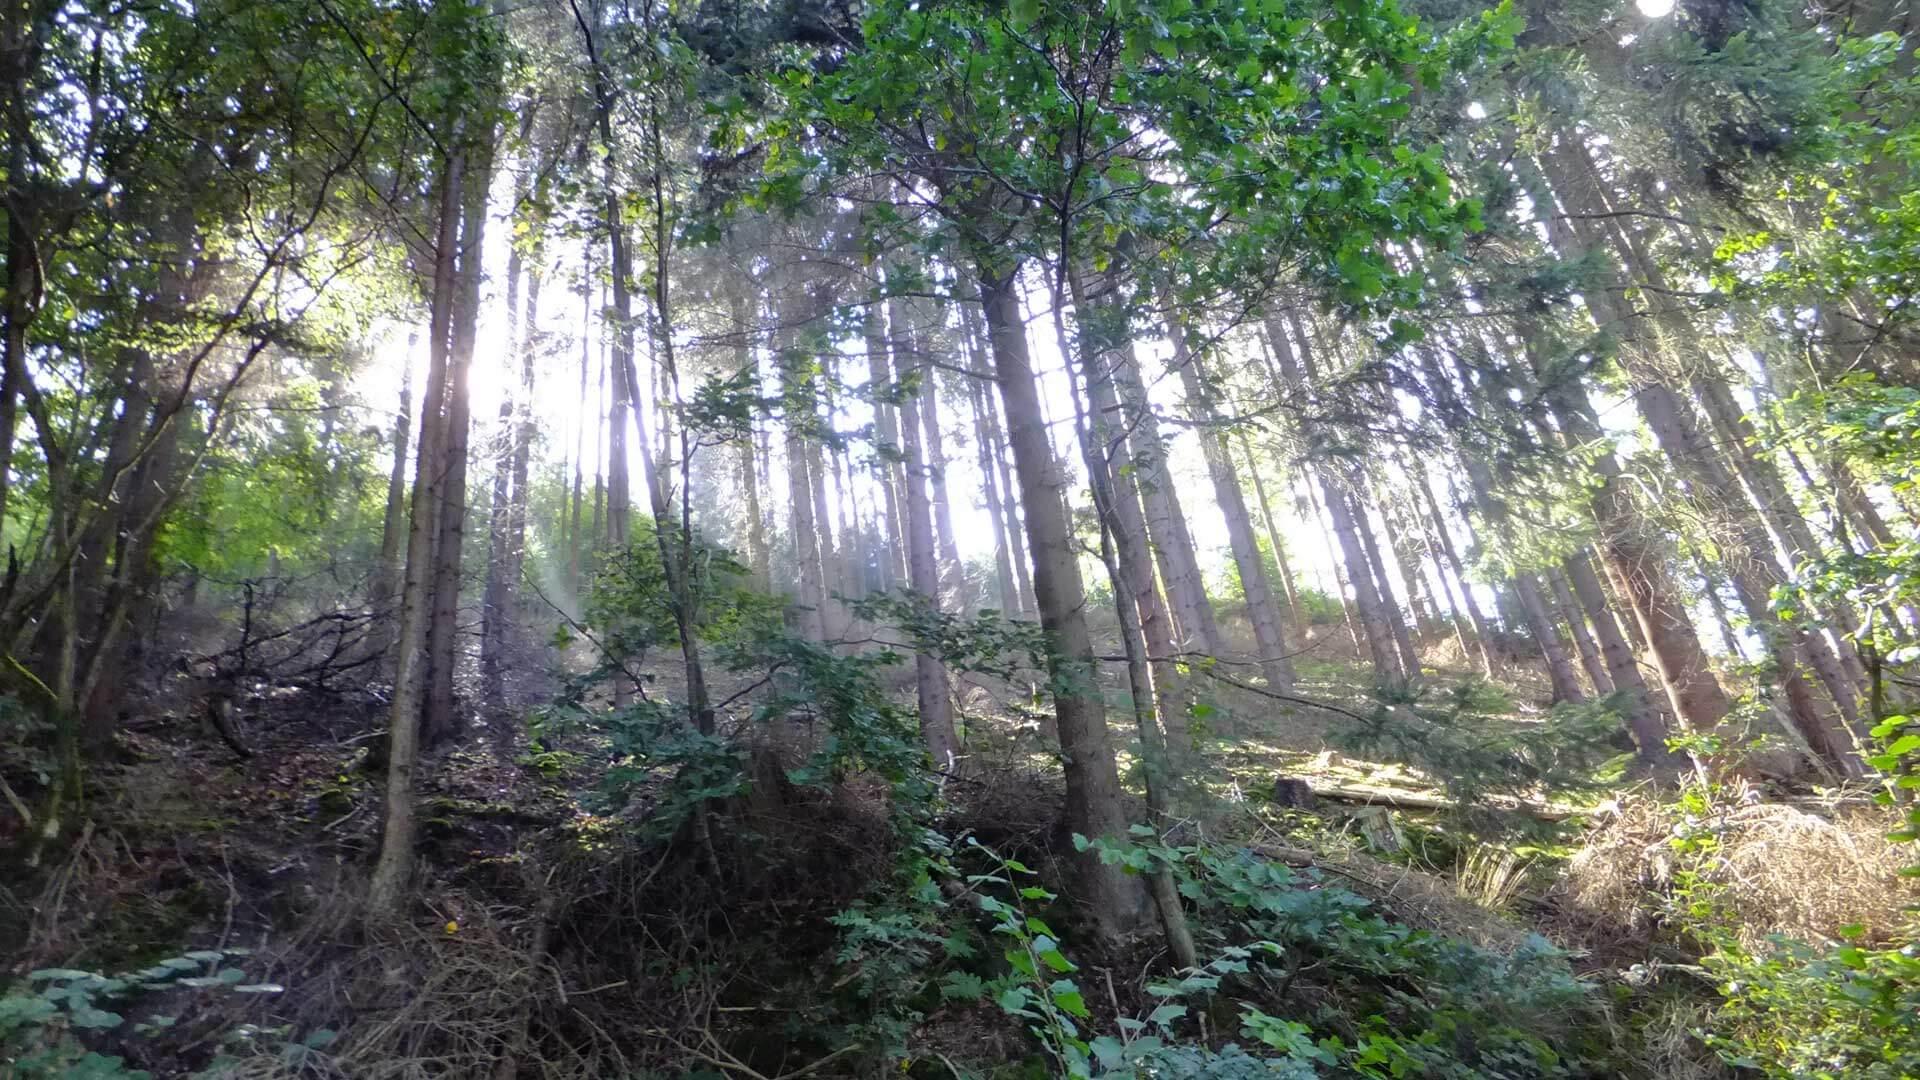 Wandern im Sauerland Wald mit Sonnenstrahlen